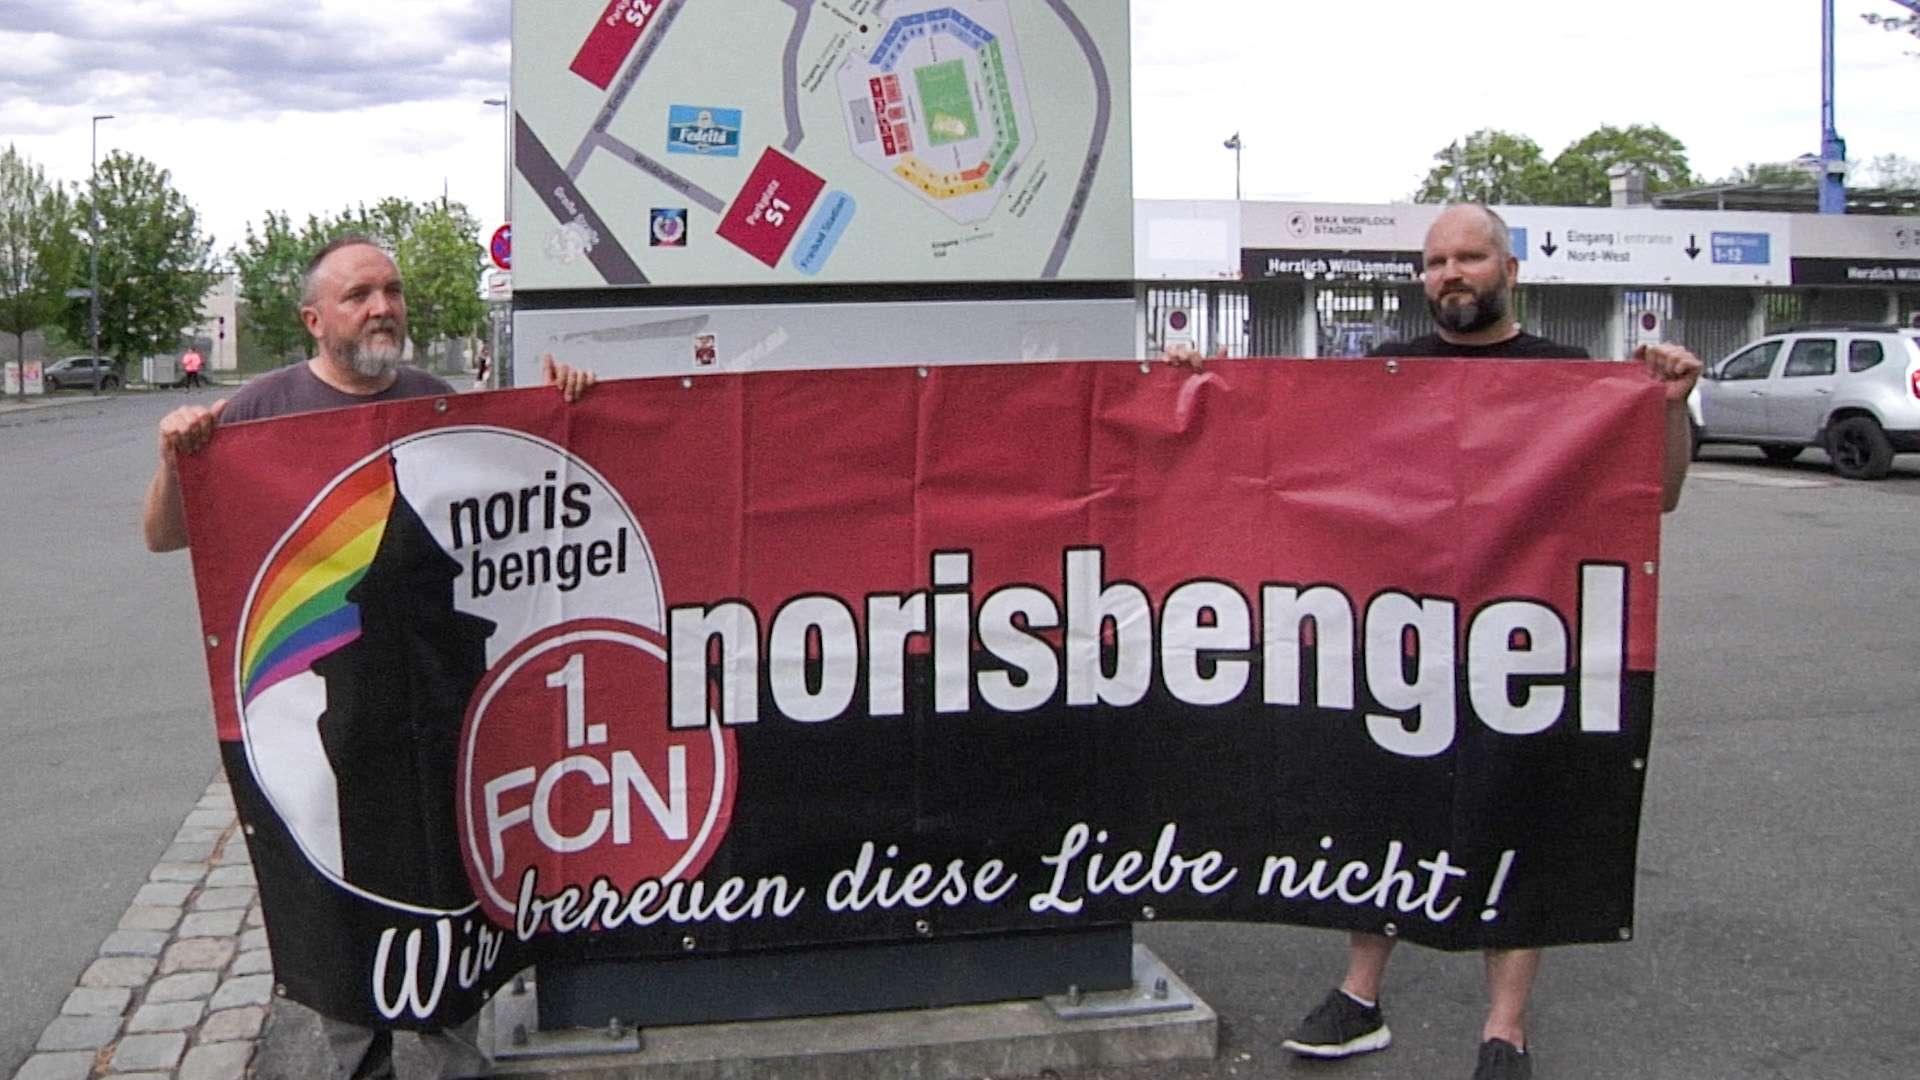 Die Fahne des FCN-Fanclubs Norisbengel